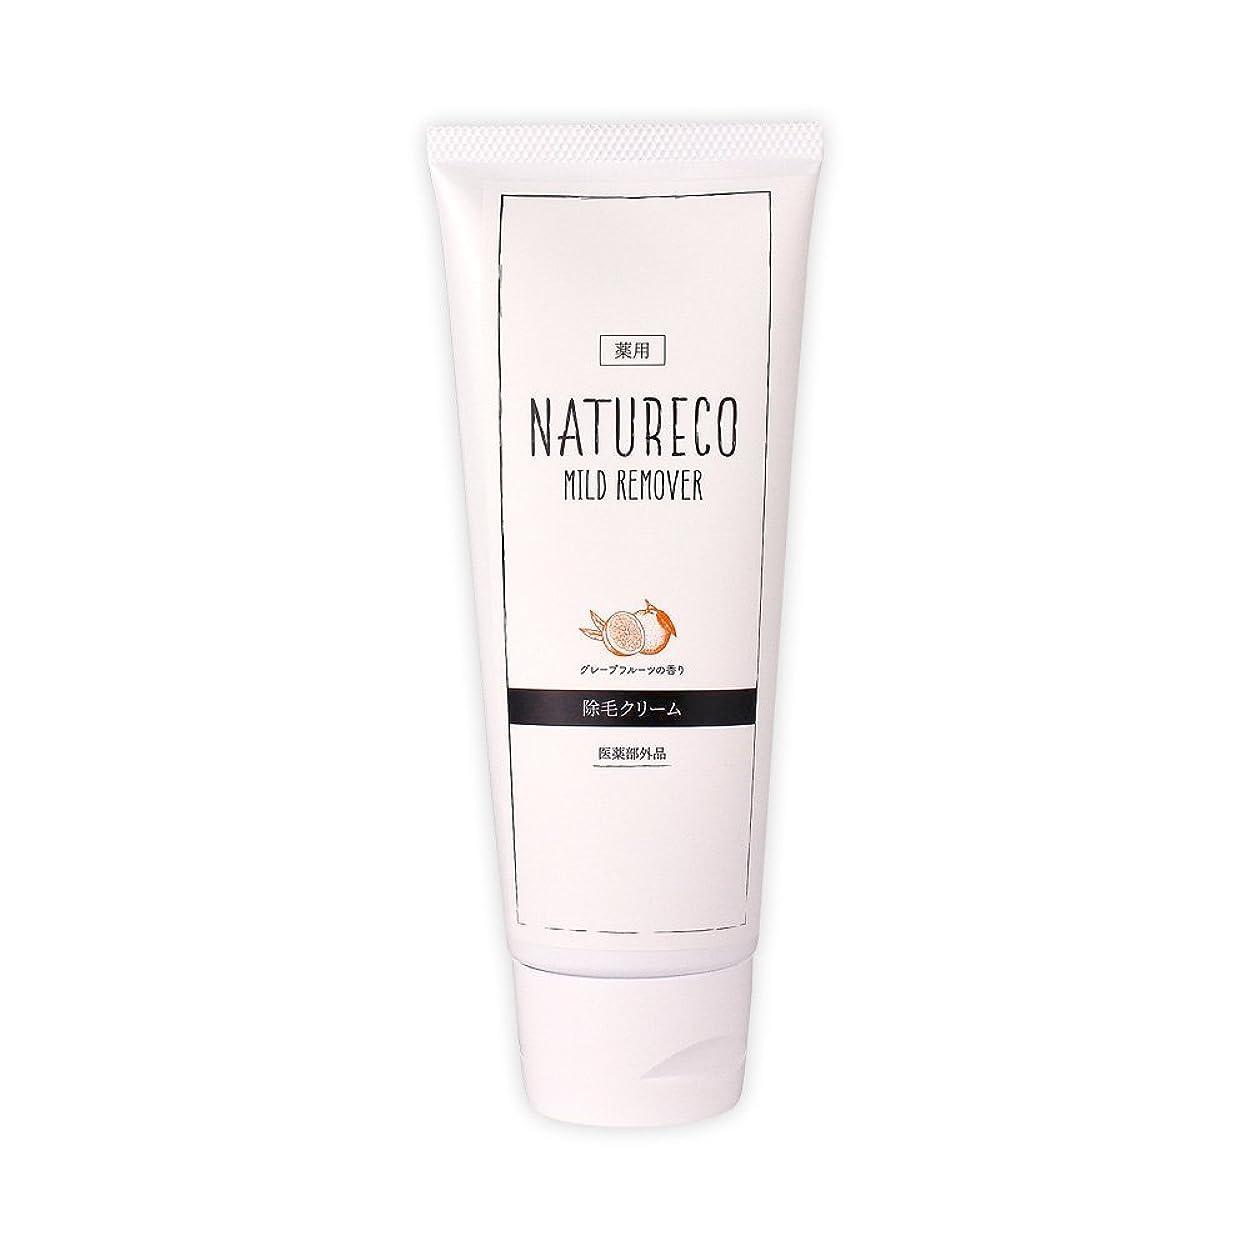 ビジネス憂慮すべき上ナチュレコ 除毛クリーム 薬用 120g<さわやかな香り> 脱毛クリーム 肌に優しい除毛クリーム 肌荒れしにくい成分配合 薬用マイルドリムーバー NATURECO